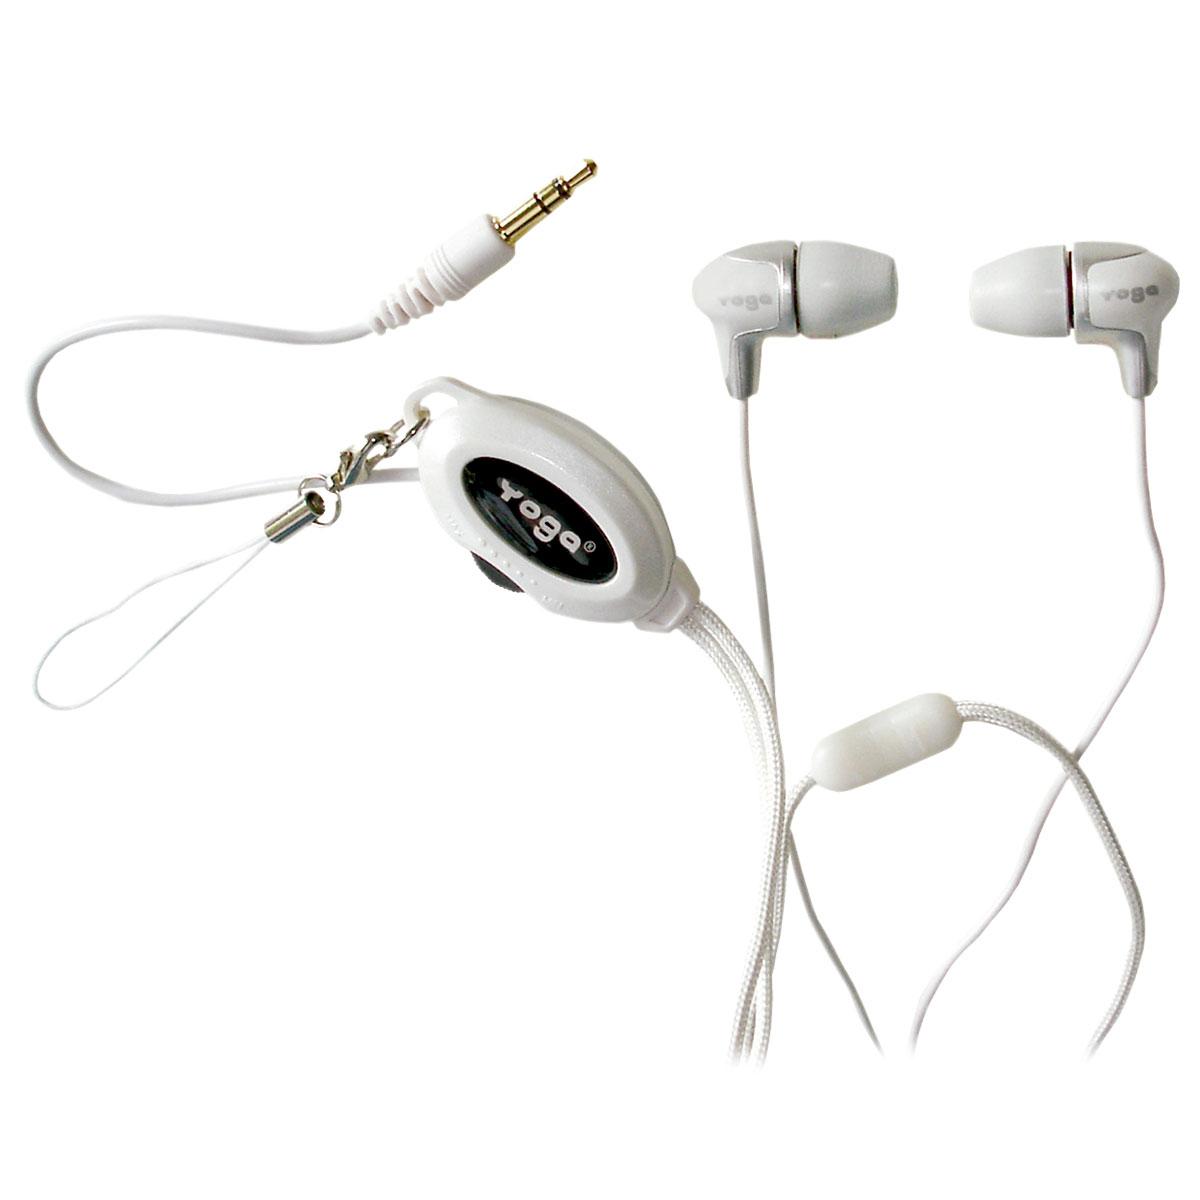 Fone de Ouvido In-ear 10 Hz - 20 KHz 14 Ohms - CD 368 Yoga